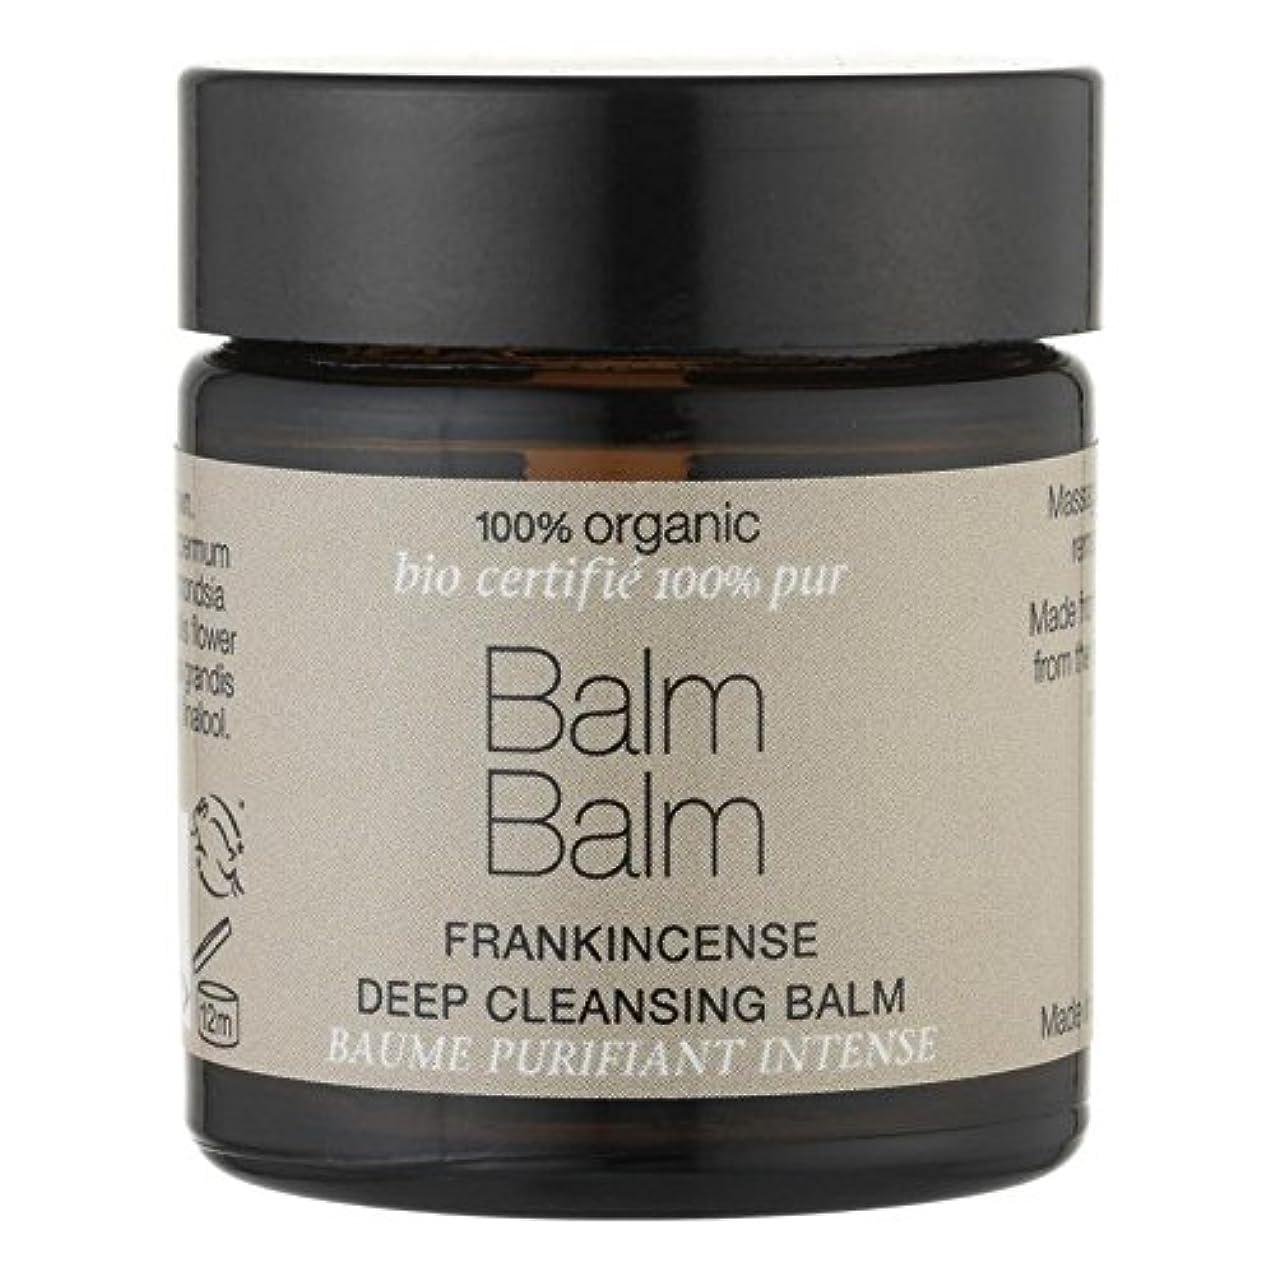 骨髄導入する精通したバームバーム乳香有機ディープクレンジングクリーム30ミリリットル x2 - Balm Balm Frankincense Organic Deep Cleansing Balm 30ml (Pack of 2) [並行輸入品]